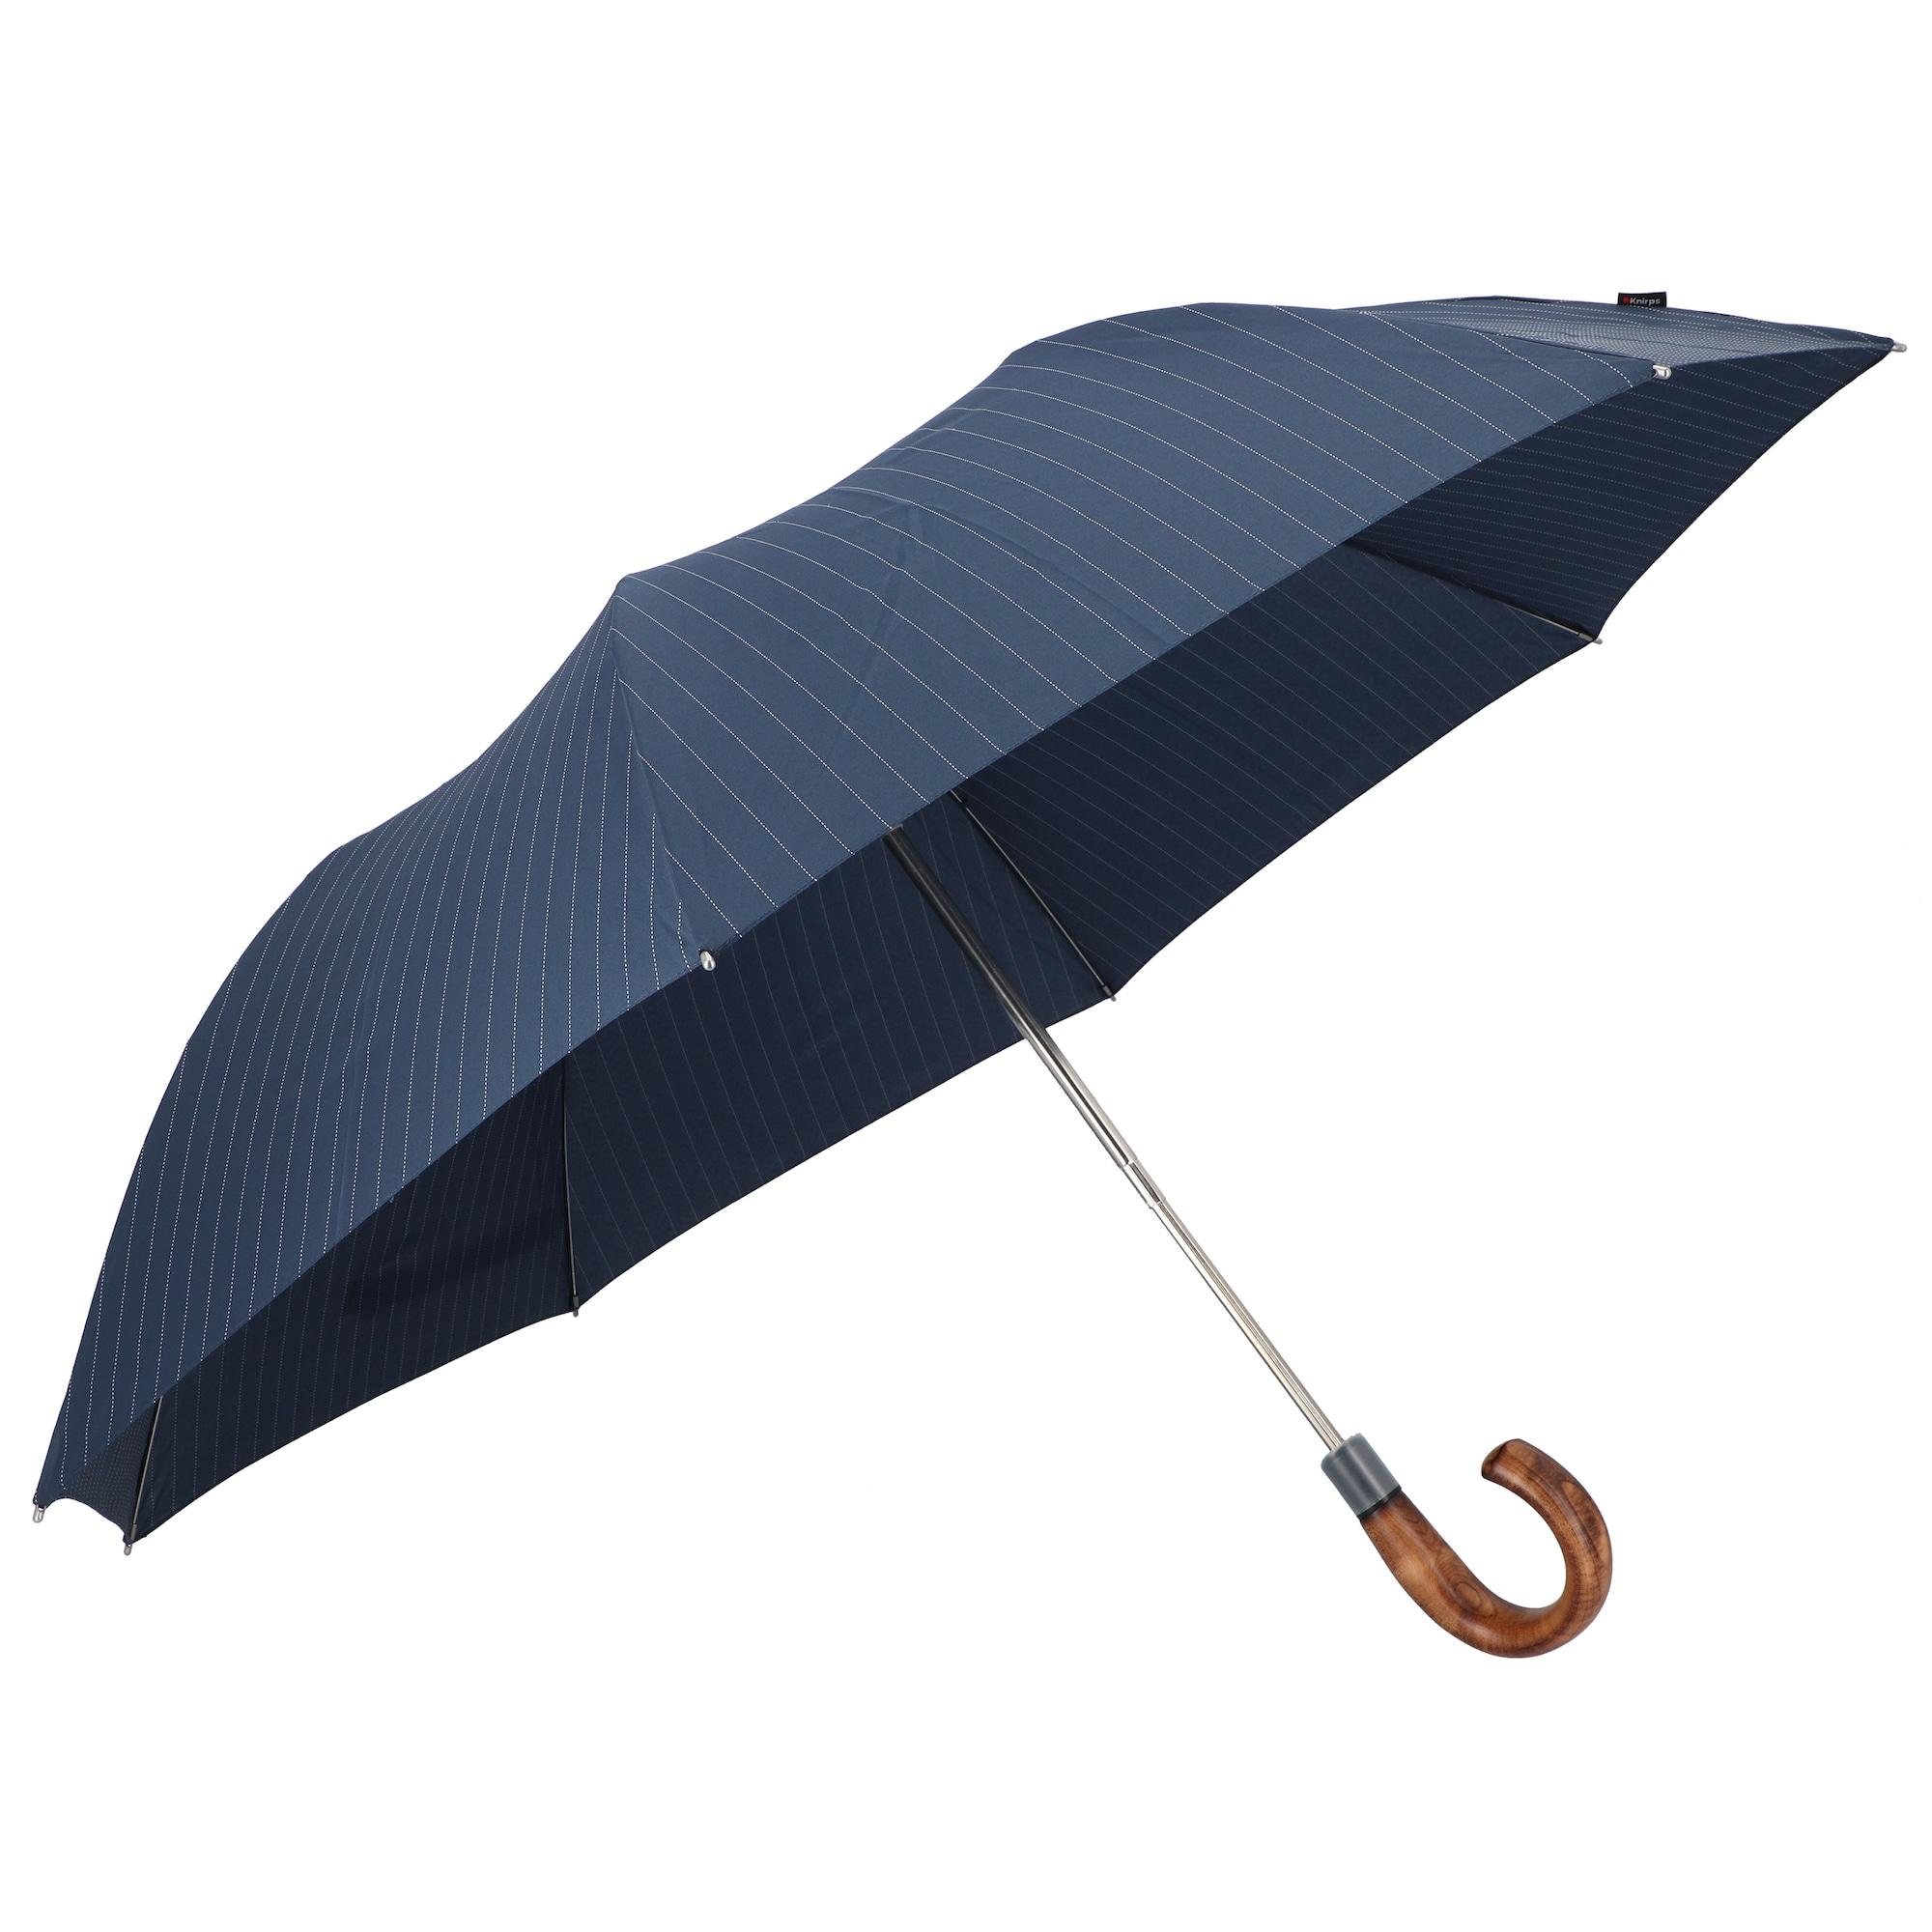 Stockschirm | Accessoires > Regenschirme > Stockschirme | knirps